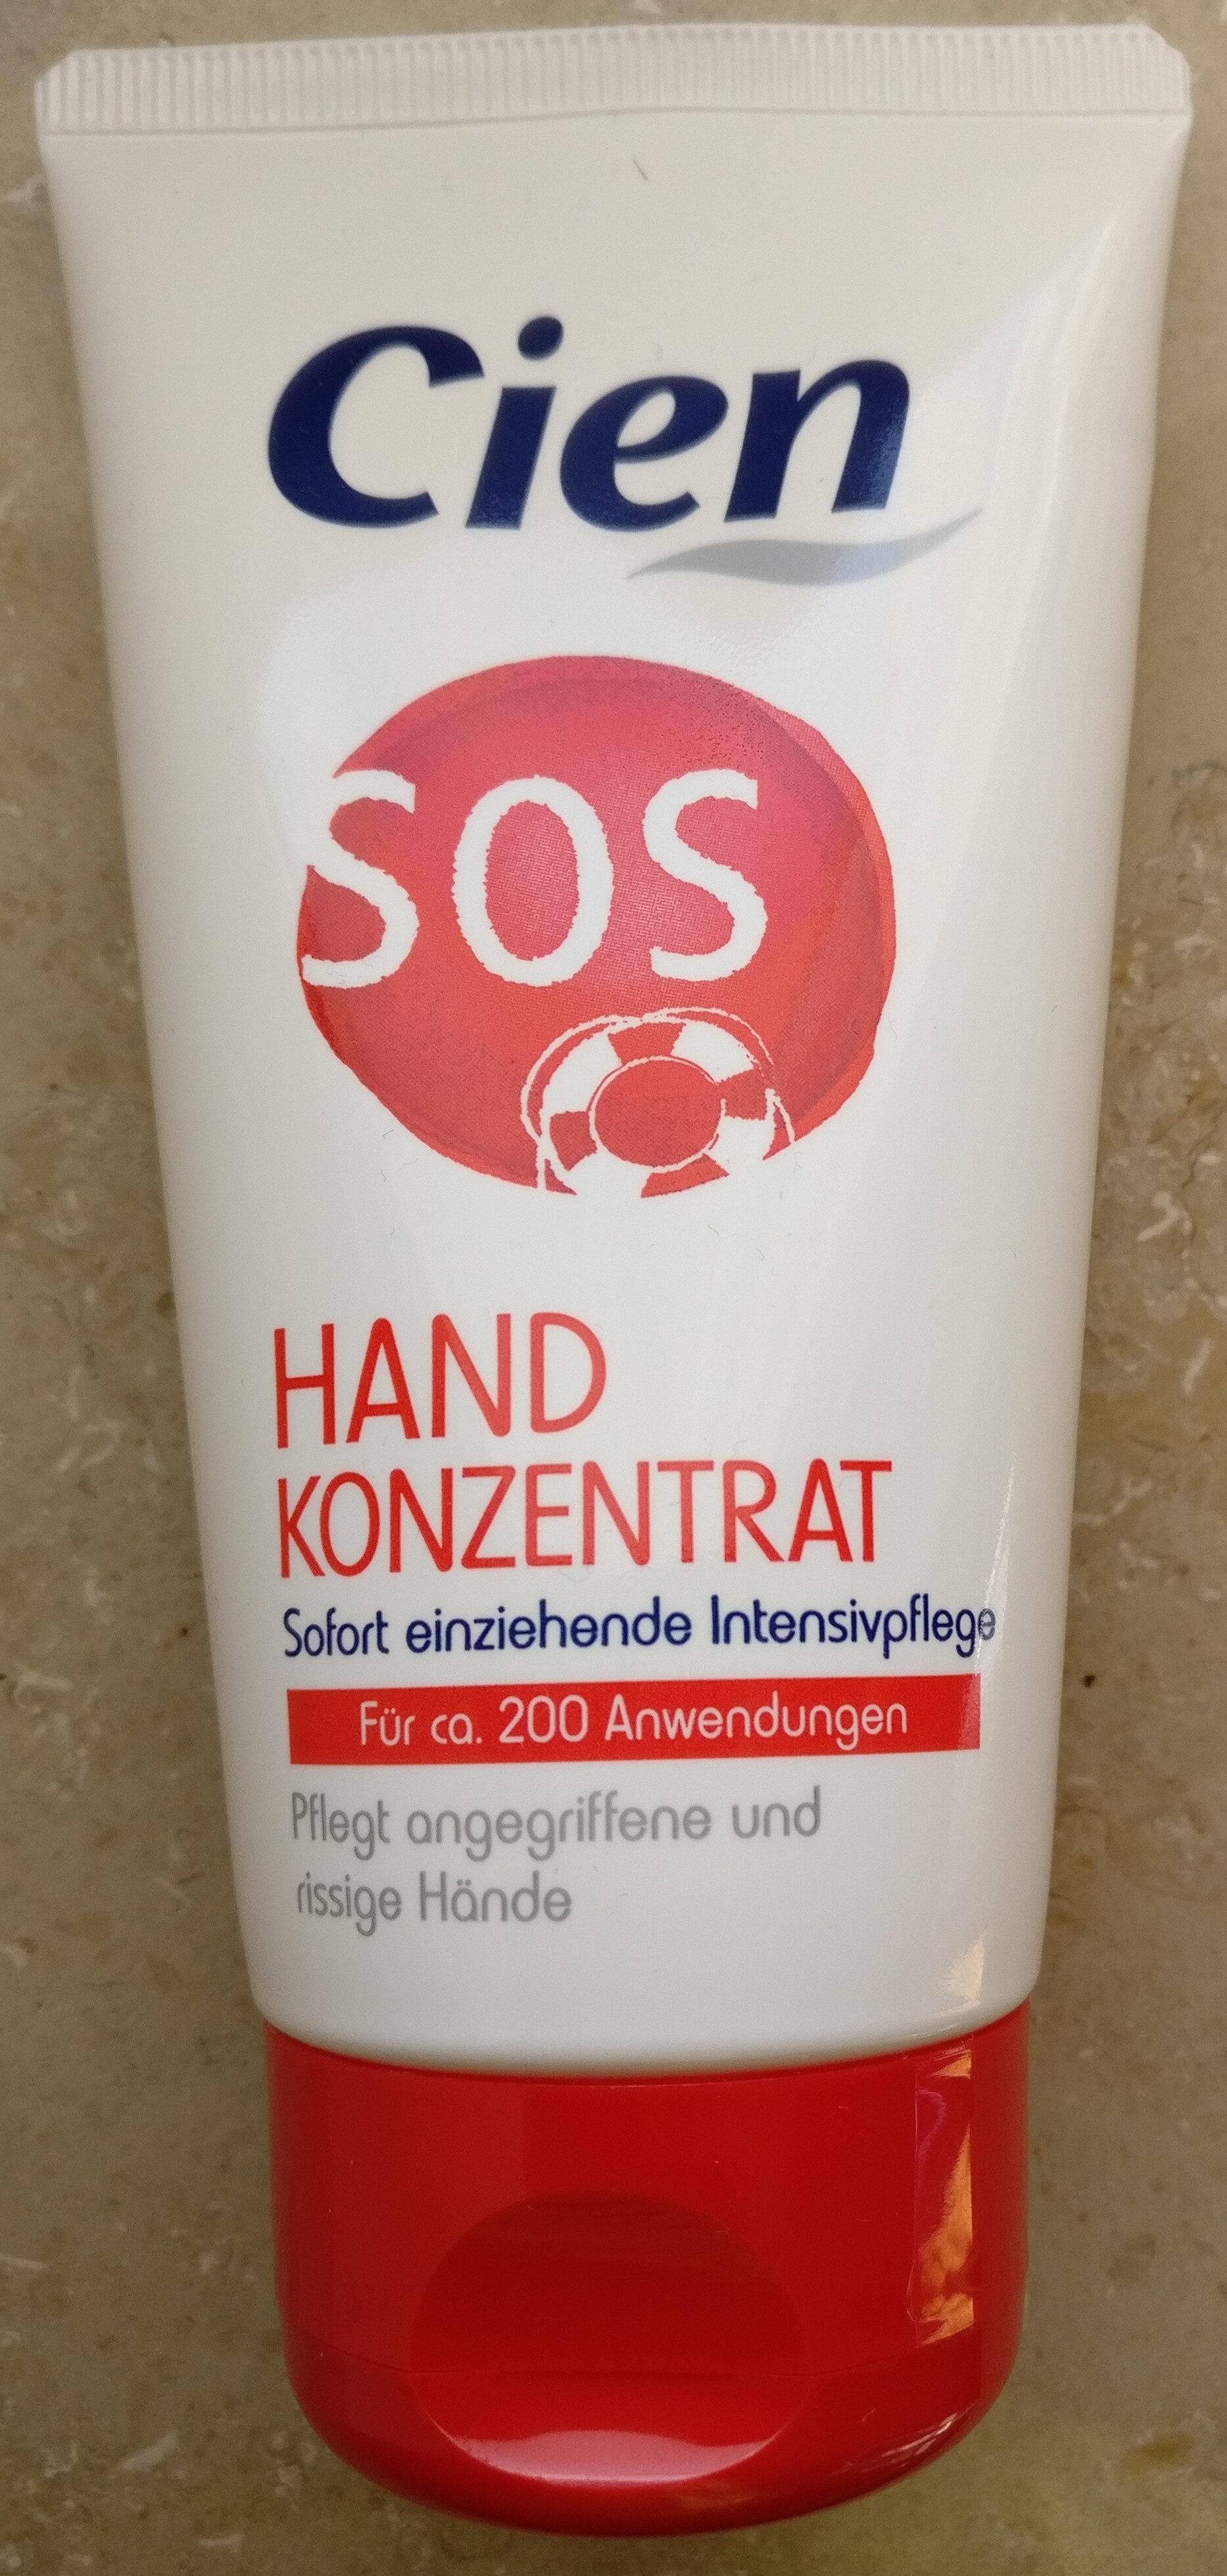 Crème mains concentrée SOS - Produkt - de